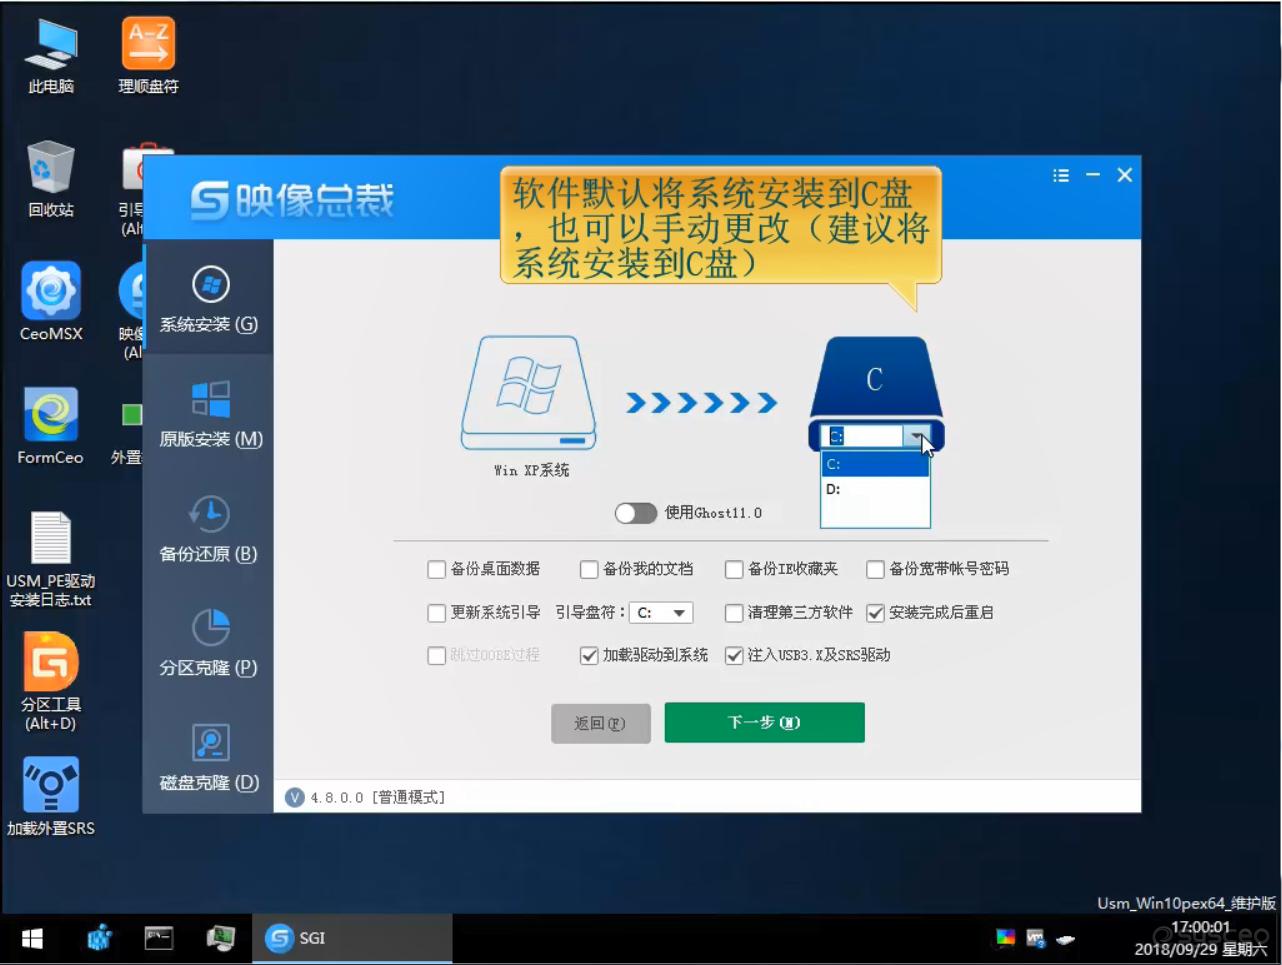 绵软件默许将体系装到C盘体系盘里,也却以顺手触动更改盘符(建议将体系装置到C盘)